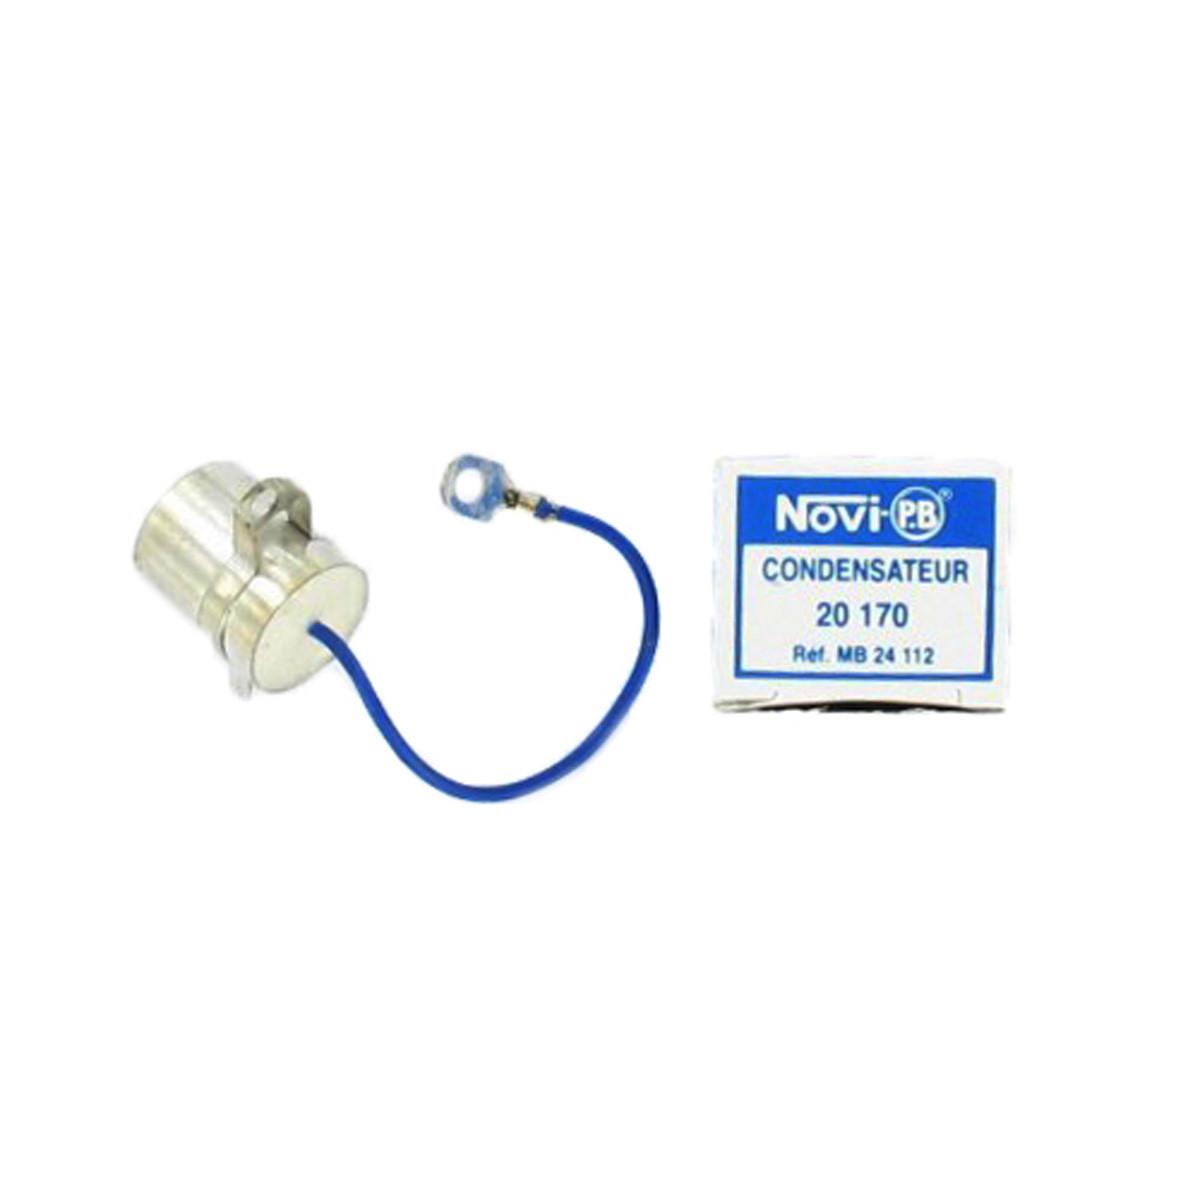 Condensateur Allumage Cyclo MBK MOTOBECANE MOTOCONFORT - NOVI